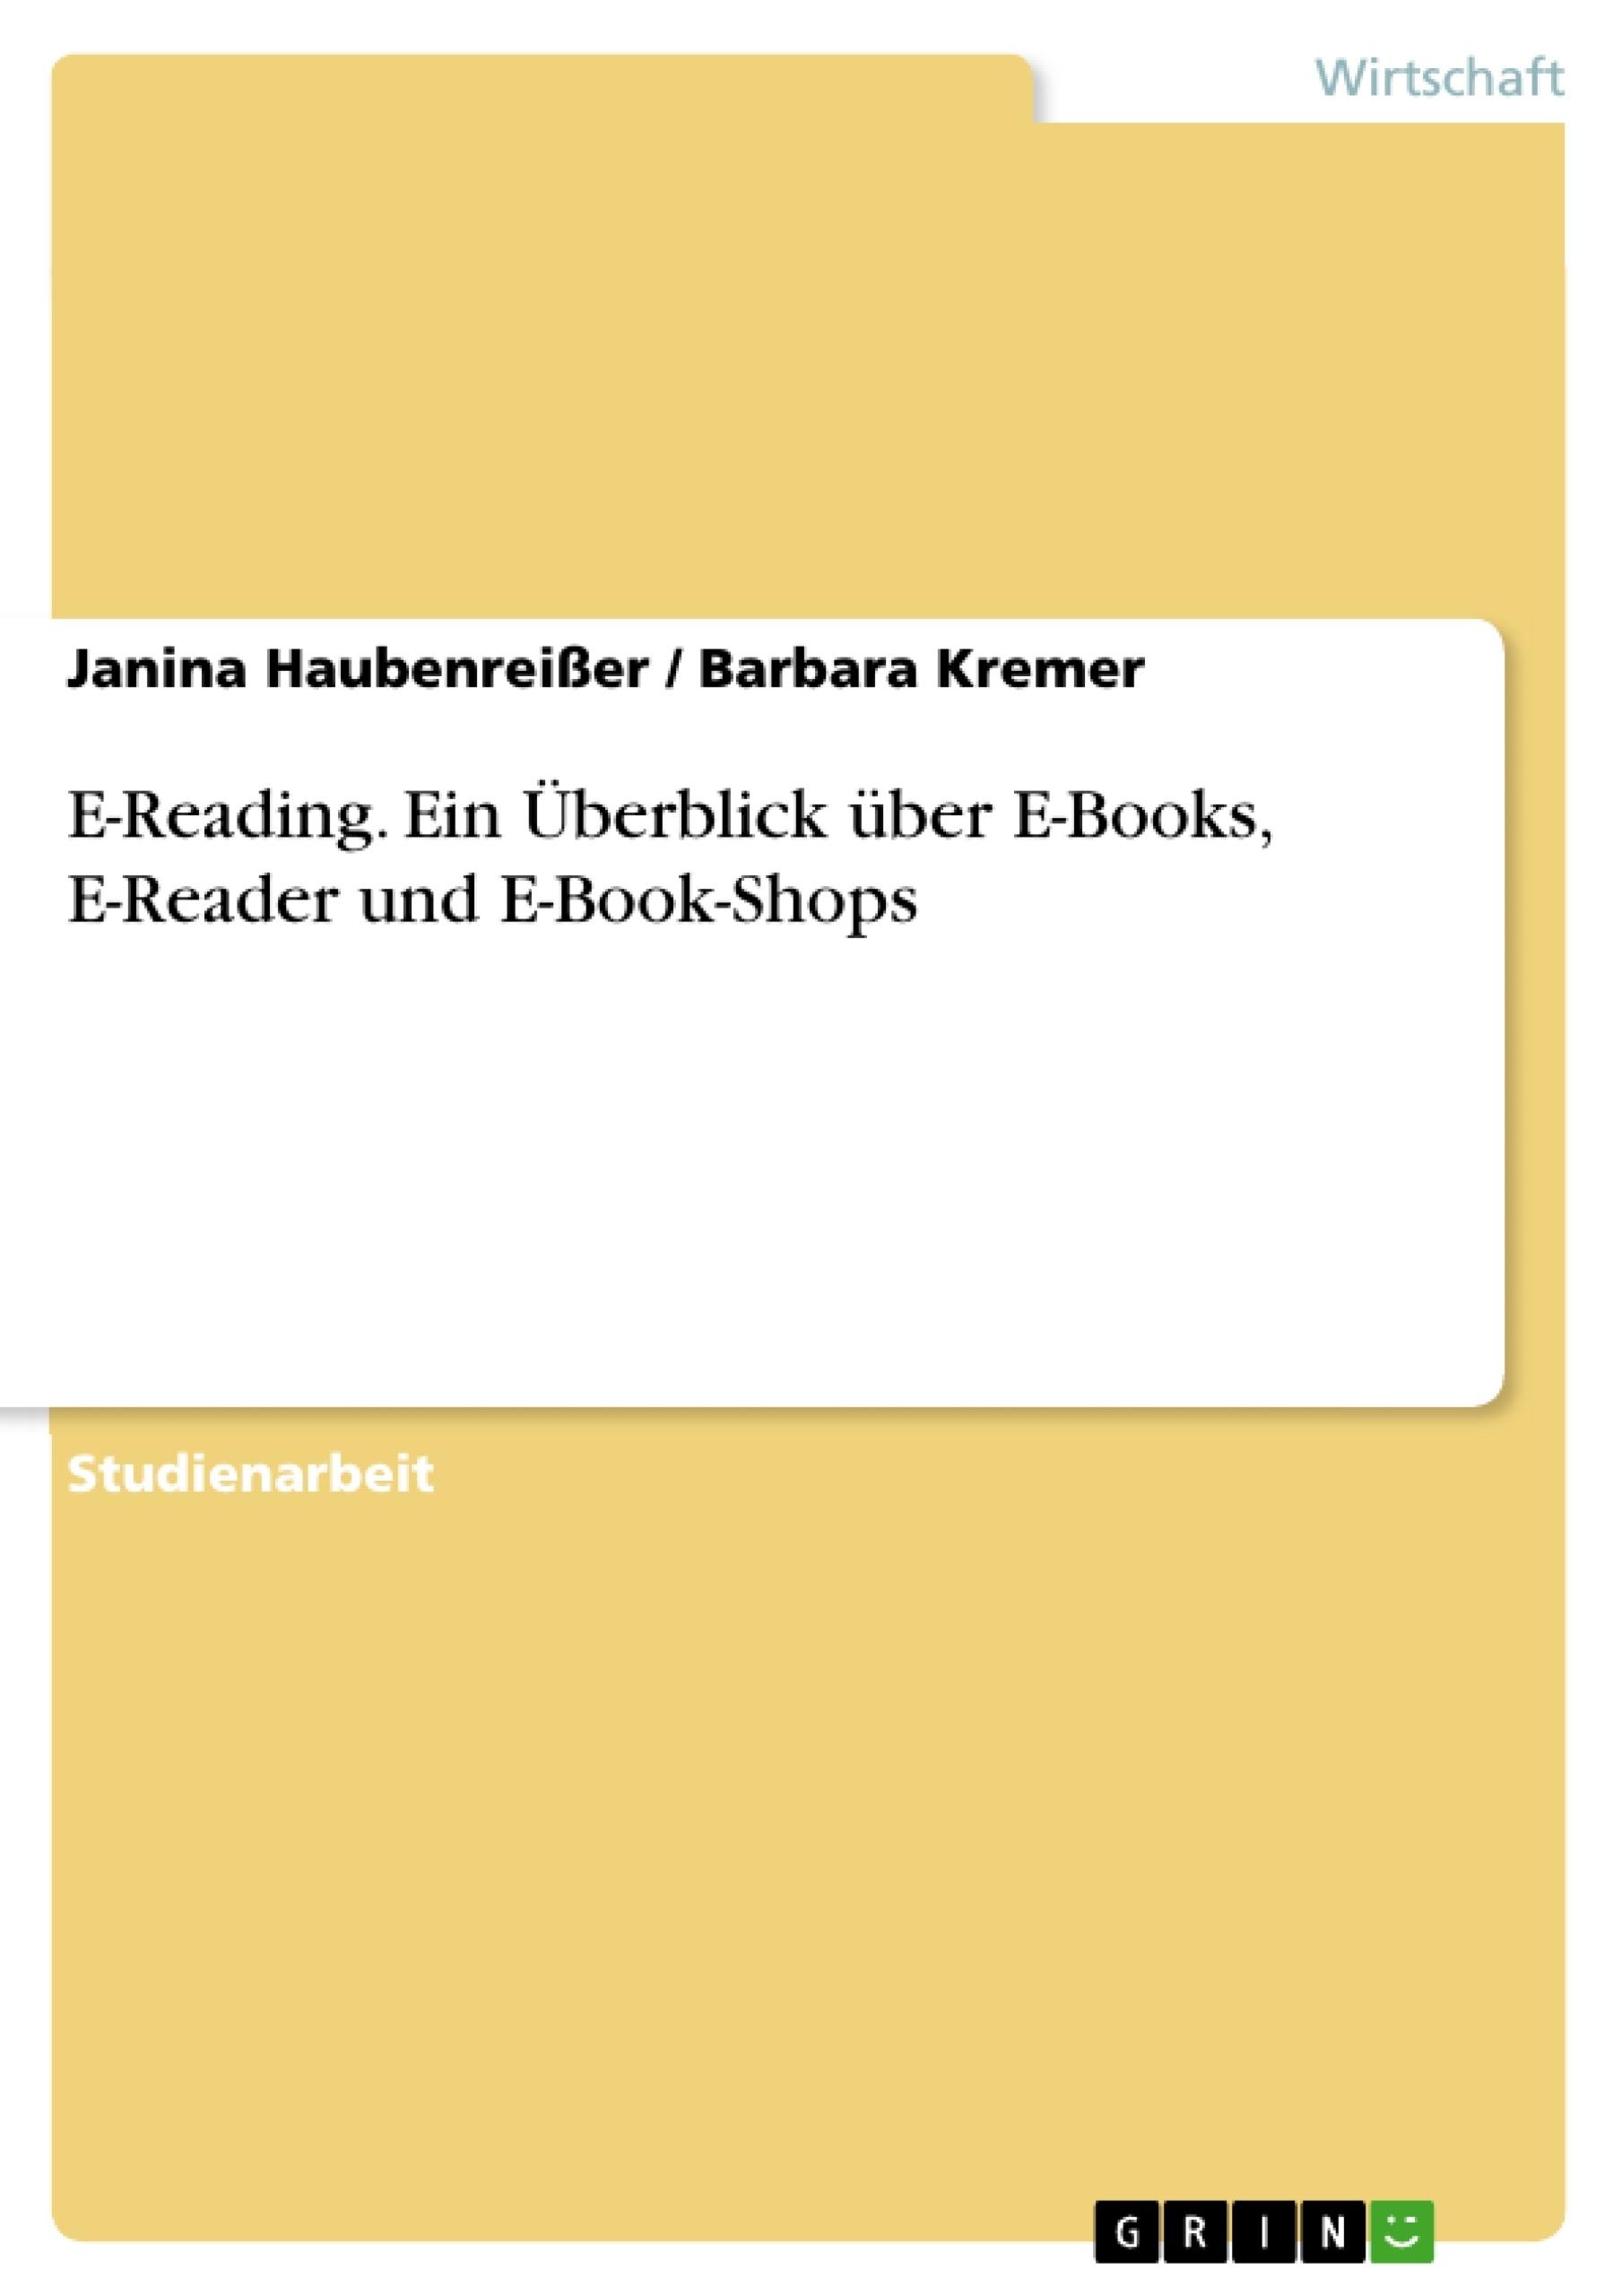 Titel: E-Reading. Ein Überblick über E-Books, E-Reader und E-Book-Shops